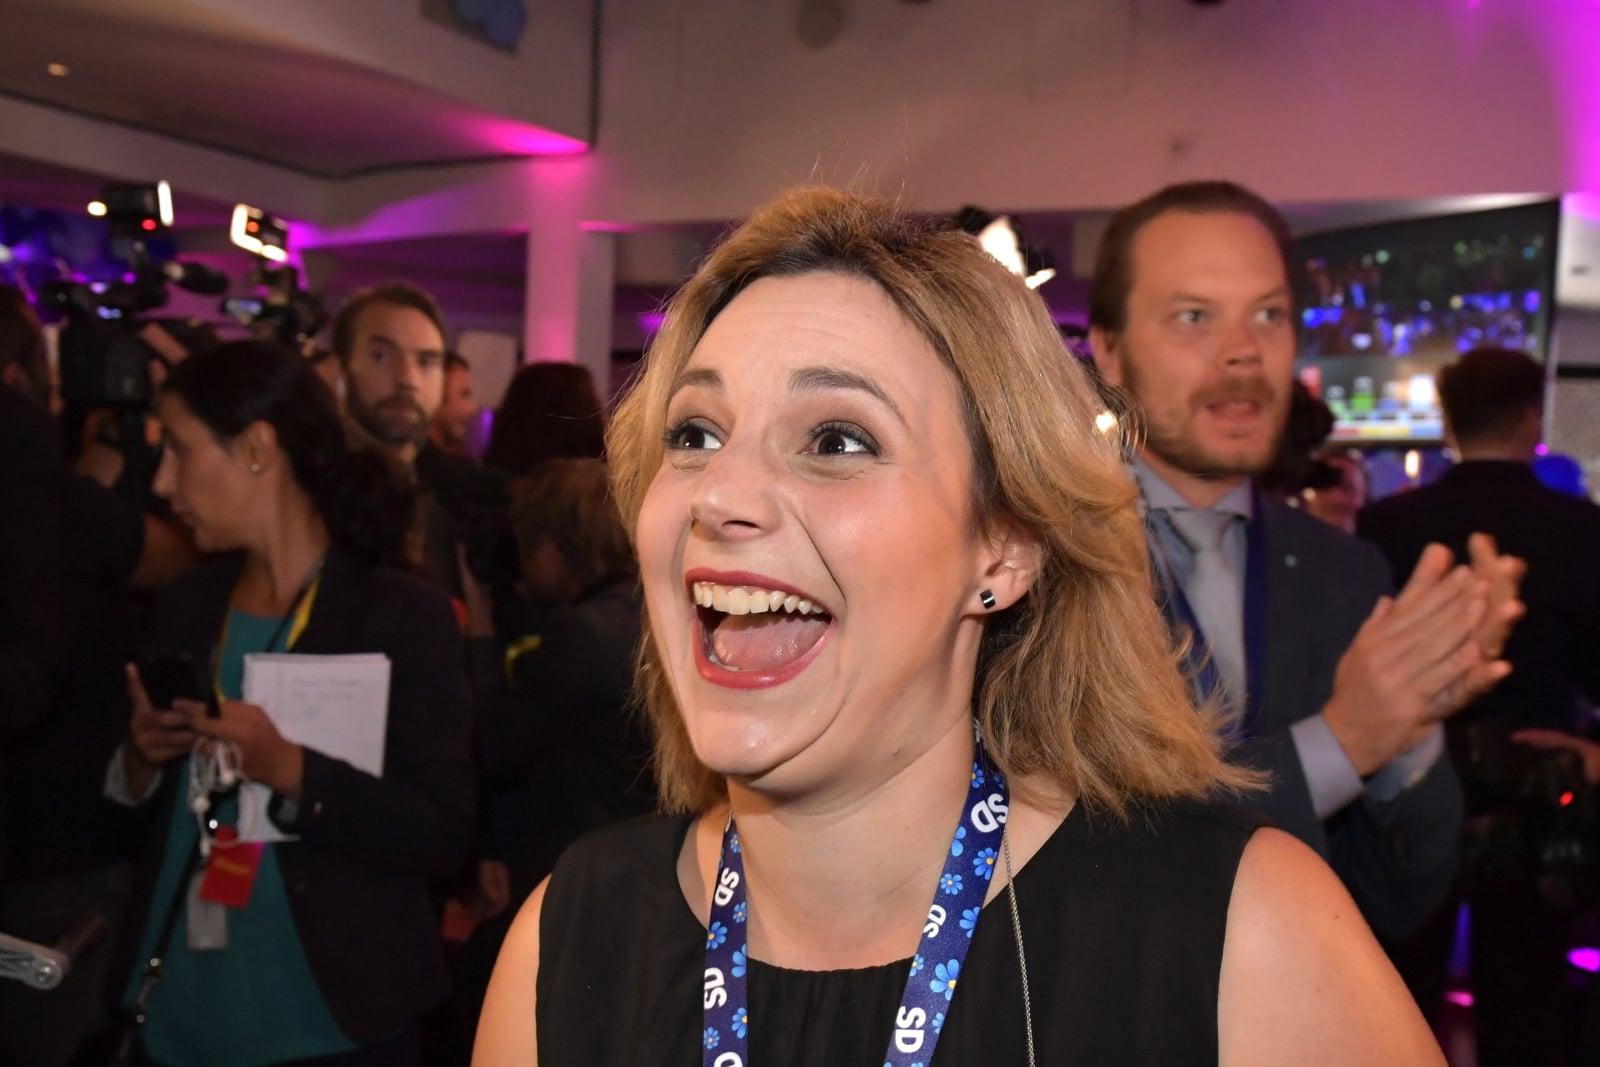 Szczęśliwa członkini Szwedzkich Demokratów, Paula Bieler podczas wstępnych wyników wyborów parlamentarnych  w Szwecji